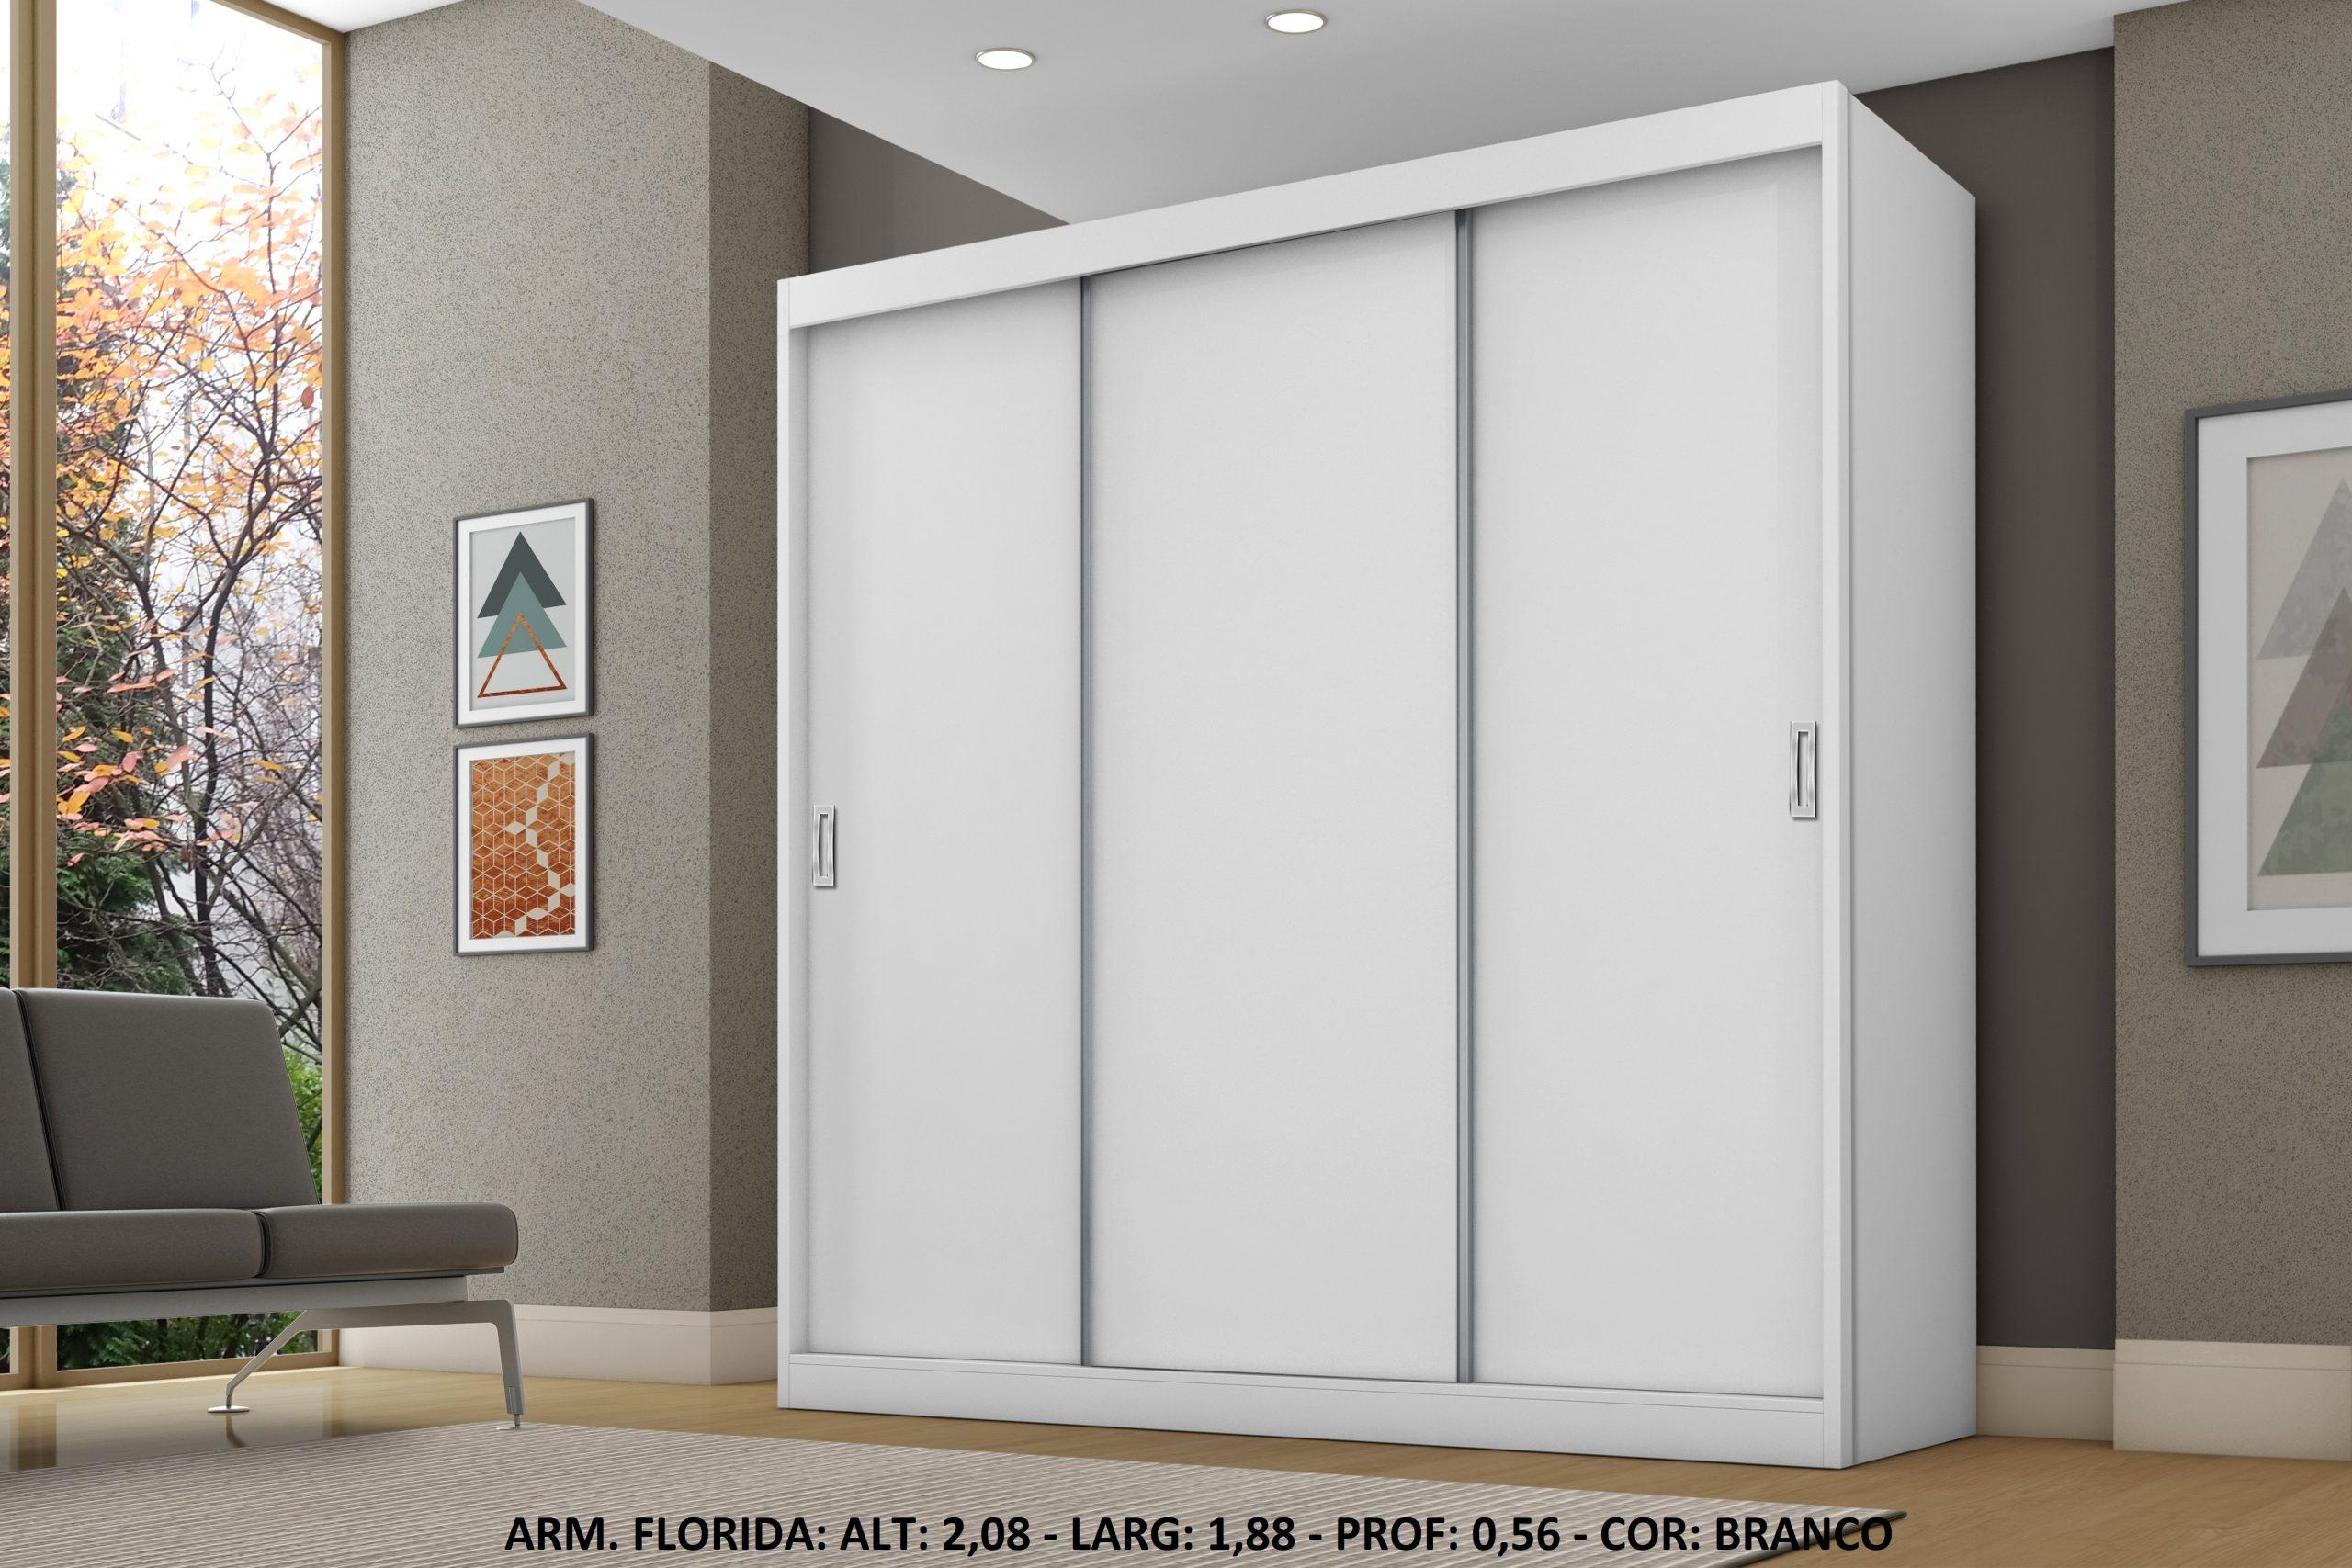 1_Arm Florida - Branco 2A (002)